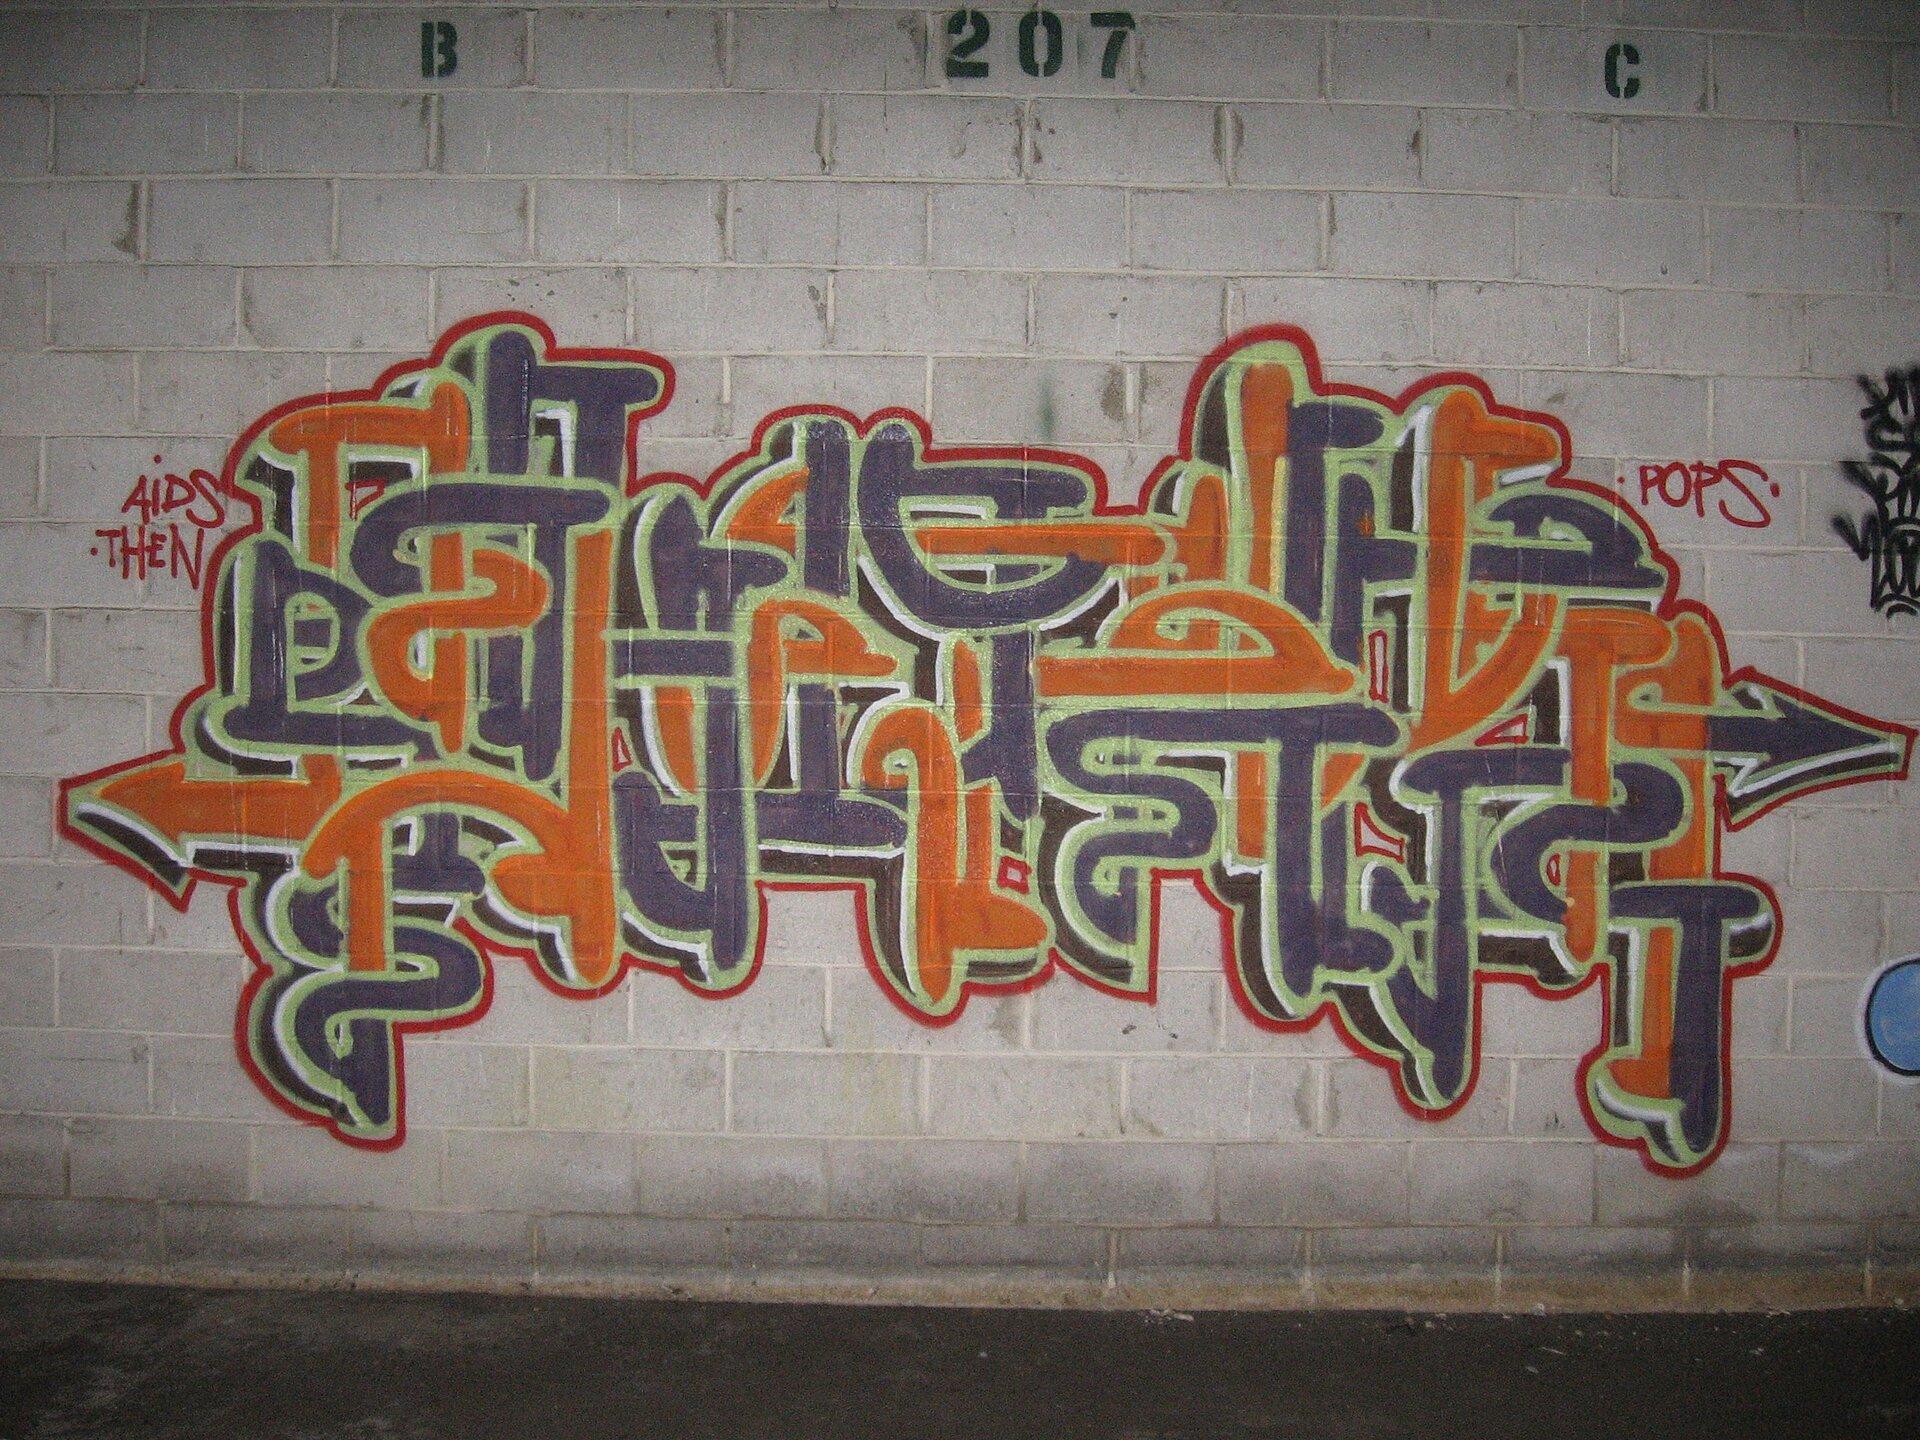 Zdjęcie przedstawia graffiti namalowane na jasnej ścianie. Ściana jest koloru białego. Graffiti namalowane jest wkolorze szarym oraz pomarańczowym.